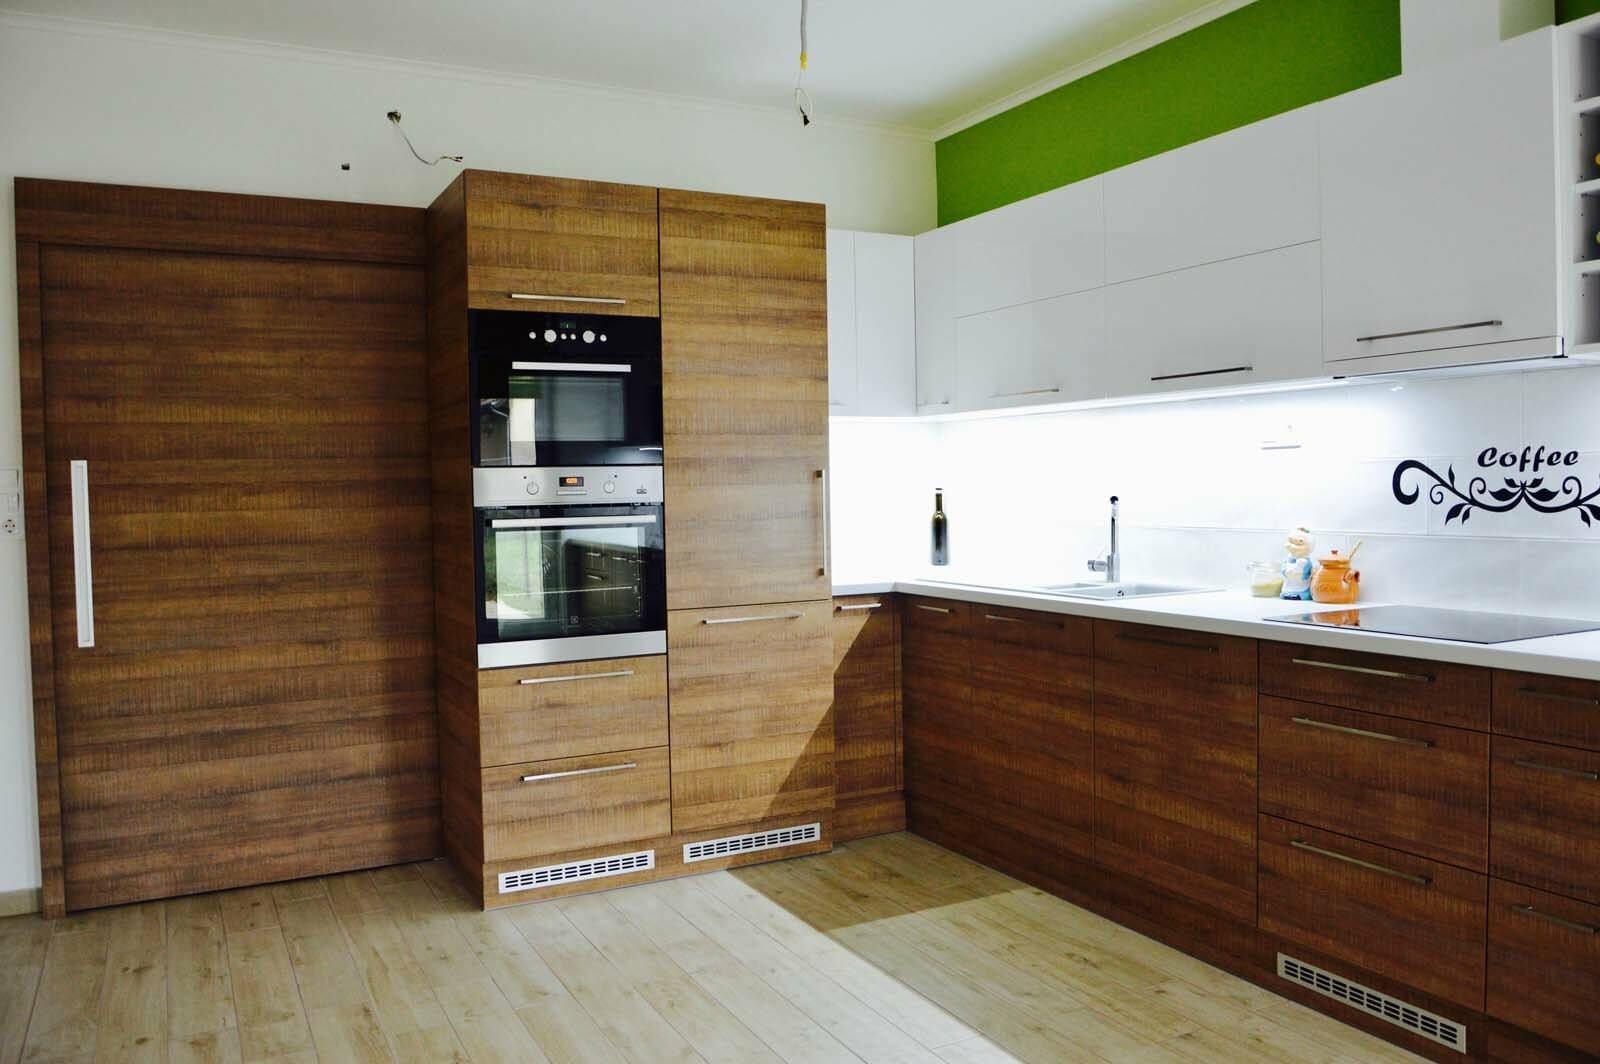 Egyedi konyhabútor készítés magasfényű akril felső elemekkel, fa alsó elemekkel, rejtett LED világítással, beépített konyhai gépekkel